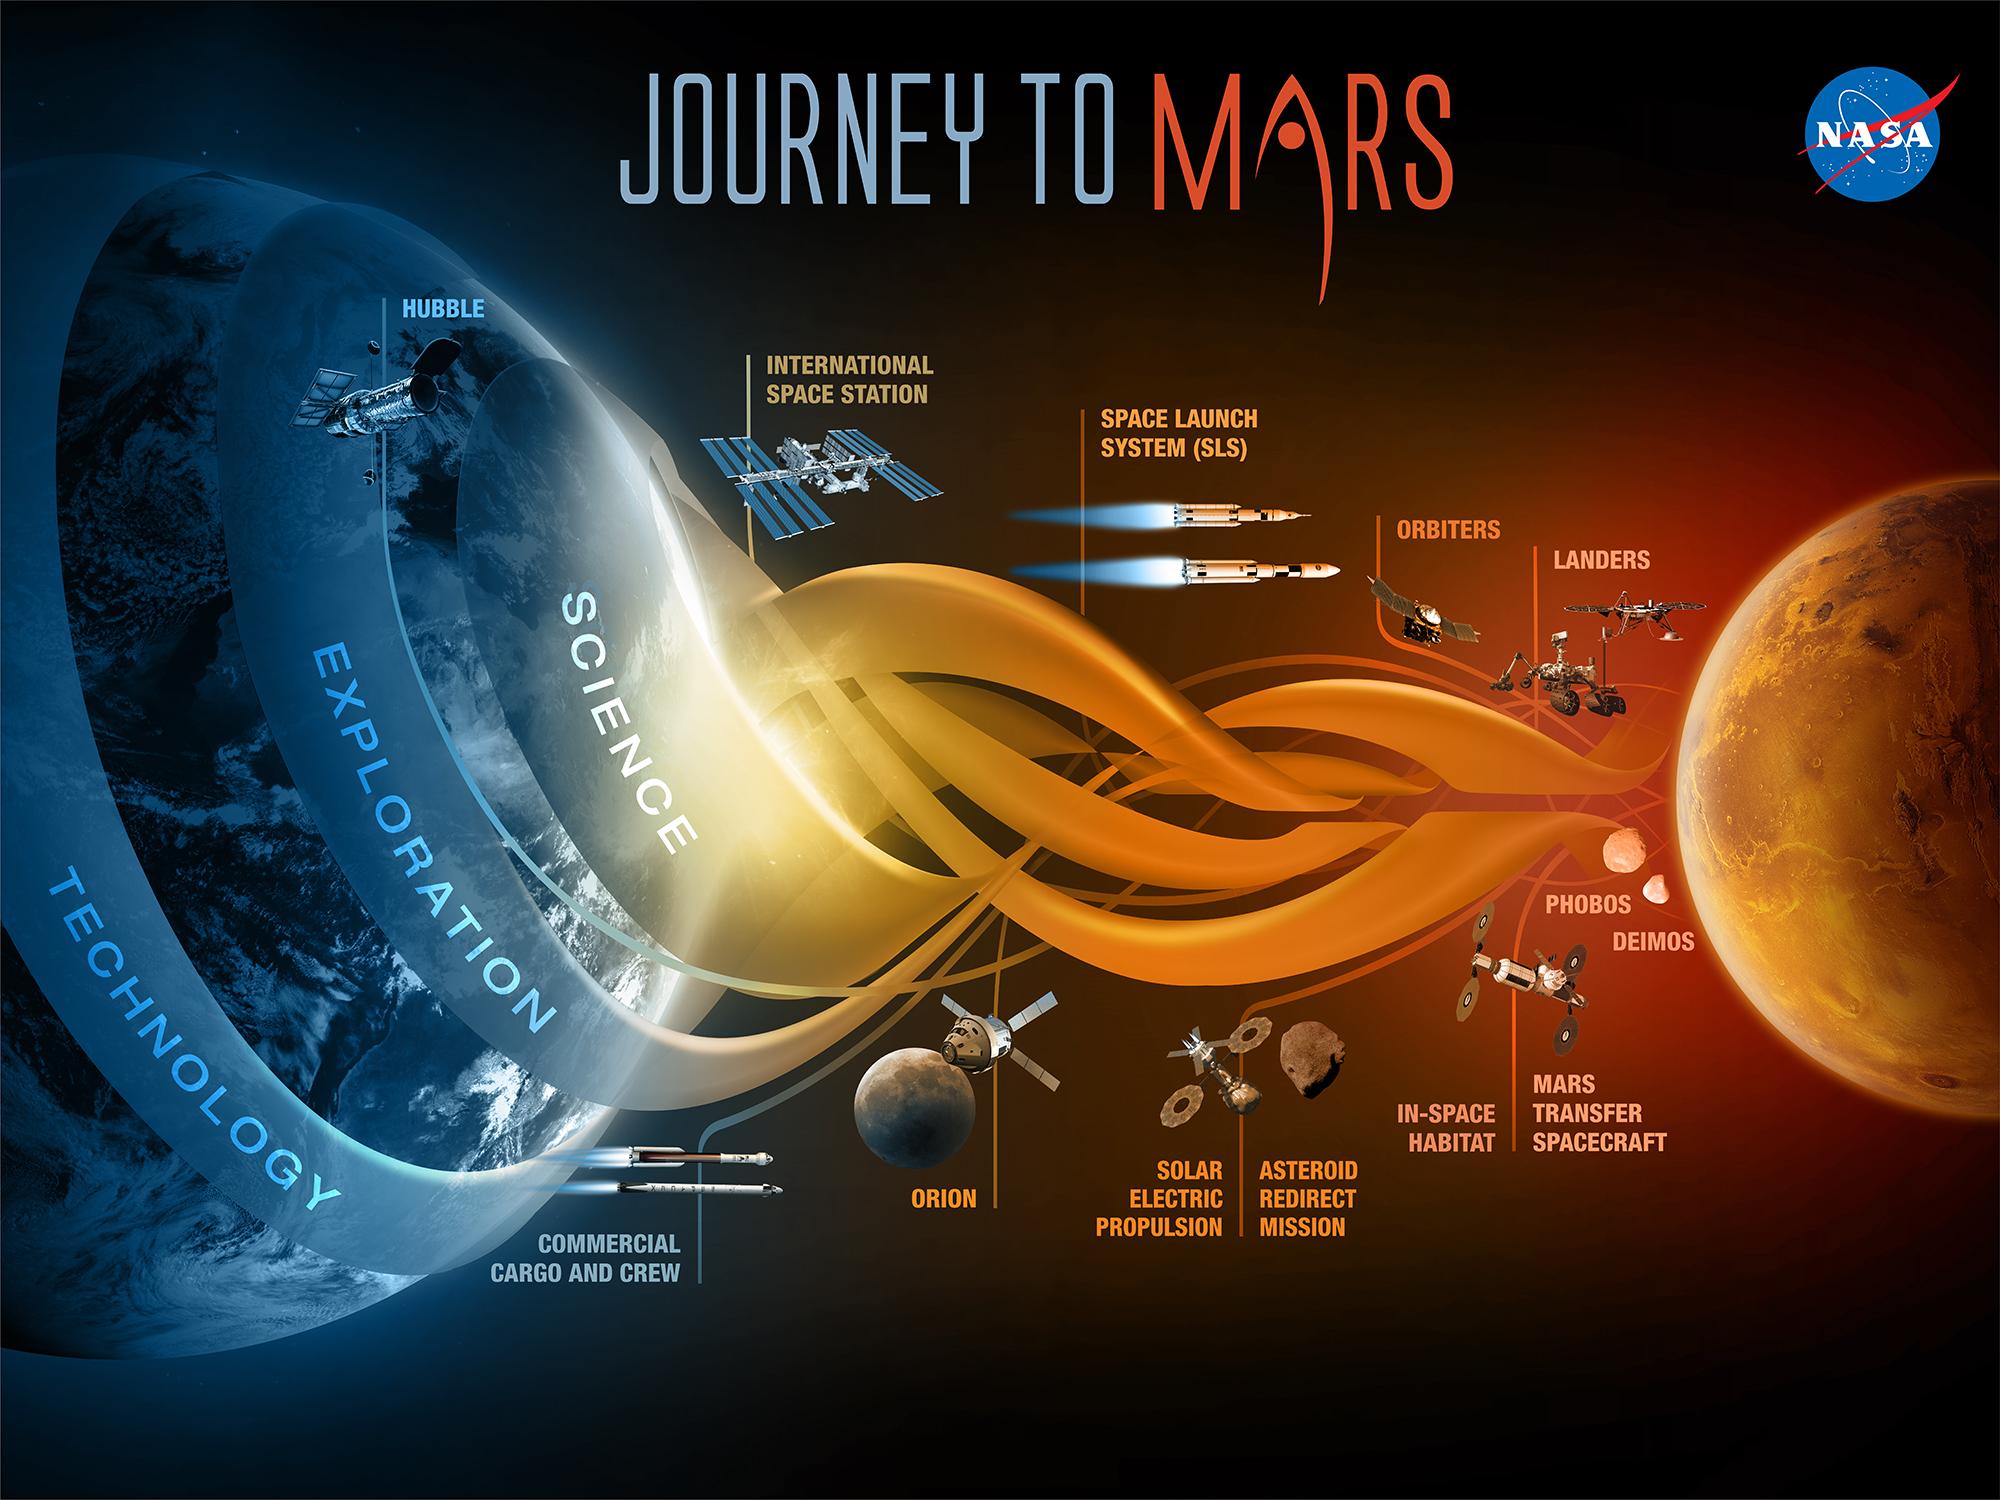 Mỹ vẫn là quốc gia dẫn đầu trong cuộc đua đến sao Hỏa. Ảnh: NASA